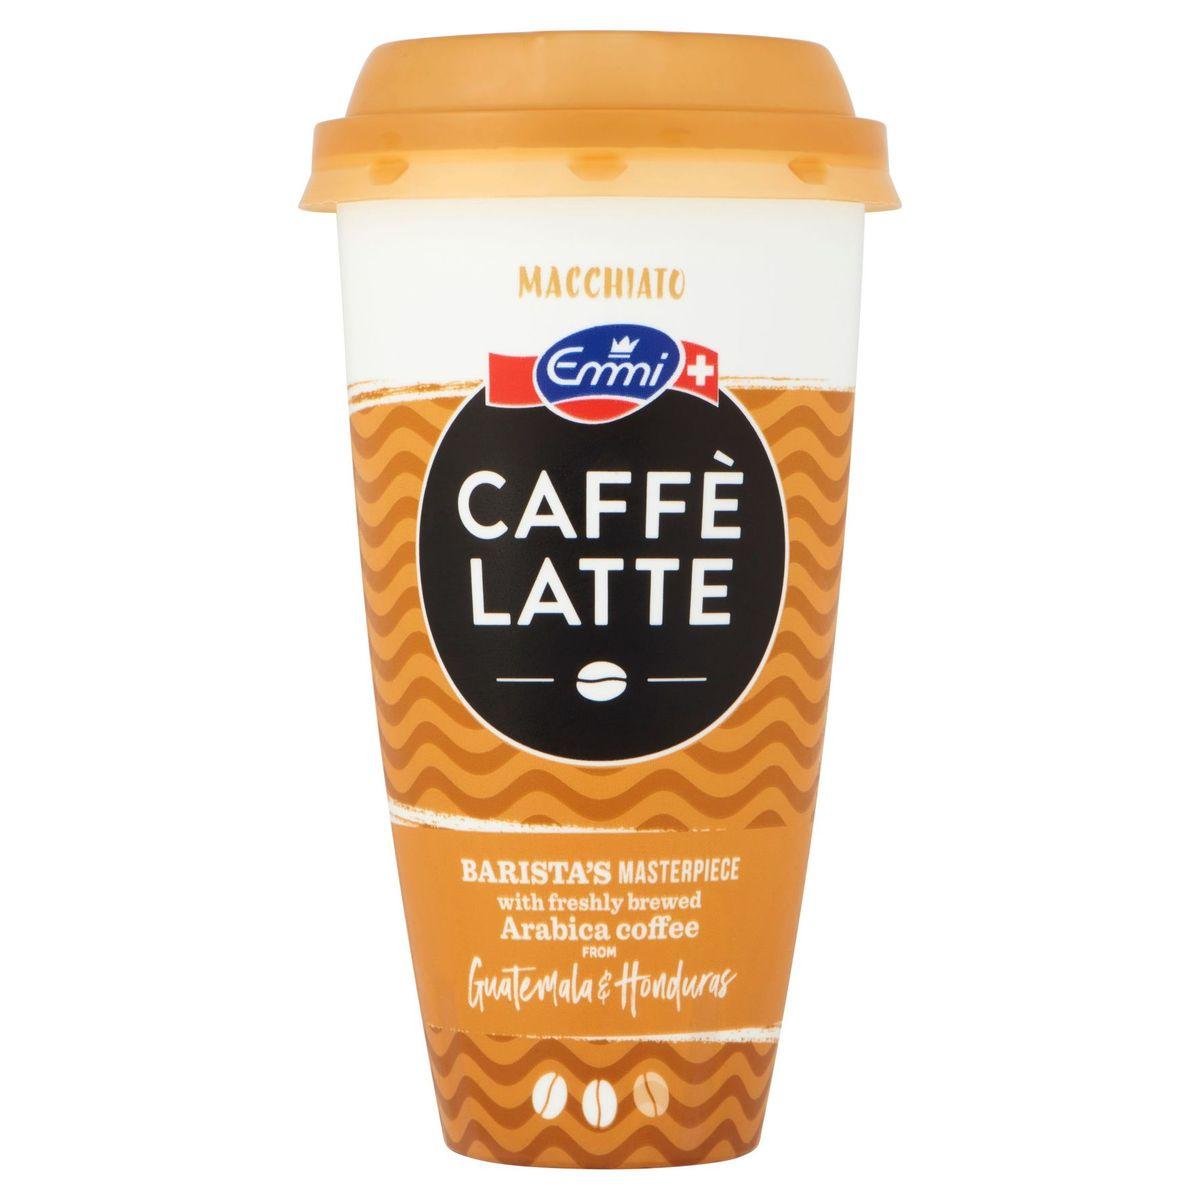 Emmi Macchiato Caffè Latte 230 ml